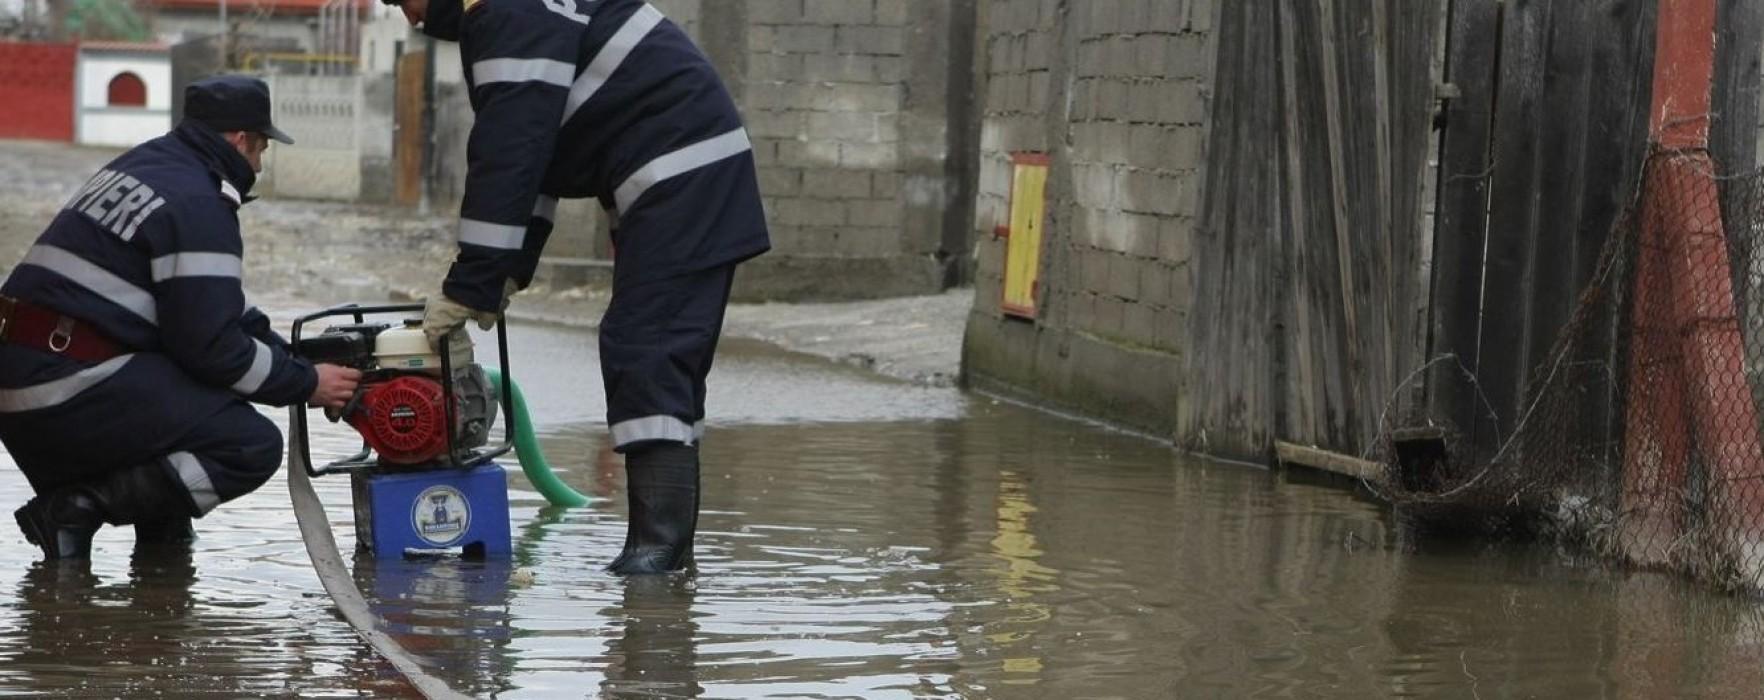 Dâmboviţa: Gospodării inundate în Răcari şi Cojasca; pompierii intervin pentru scoaterea apei din curţi